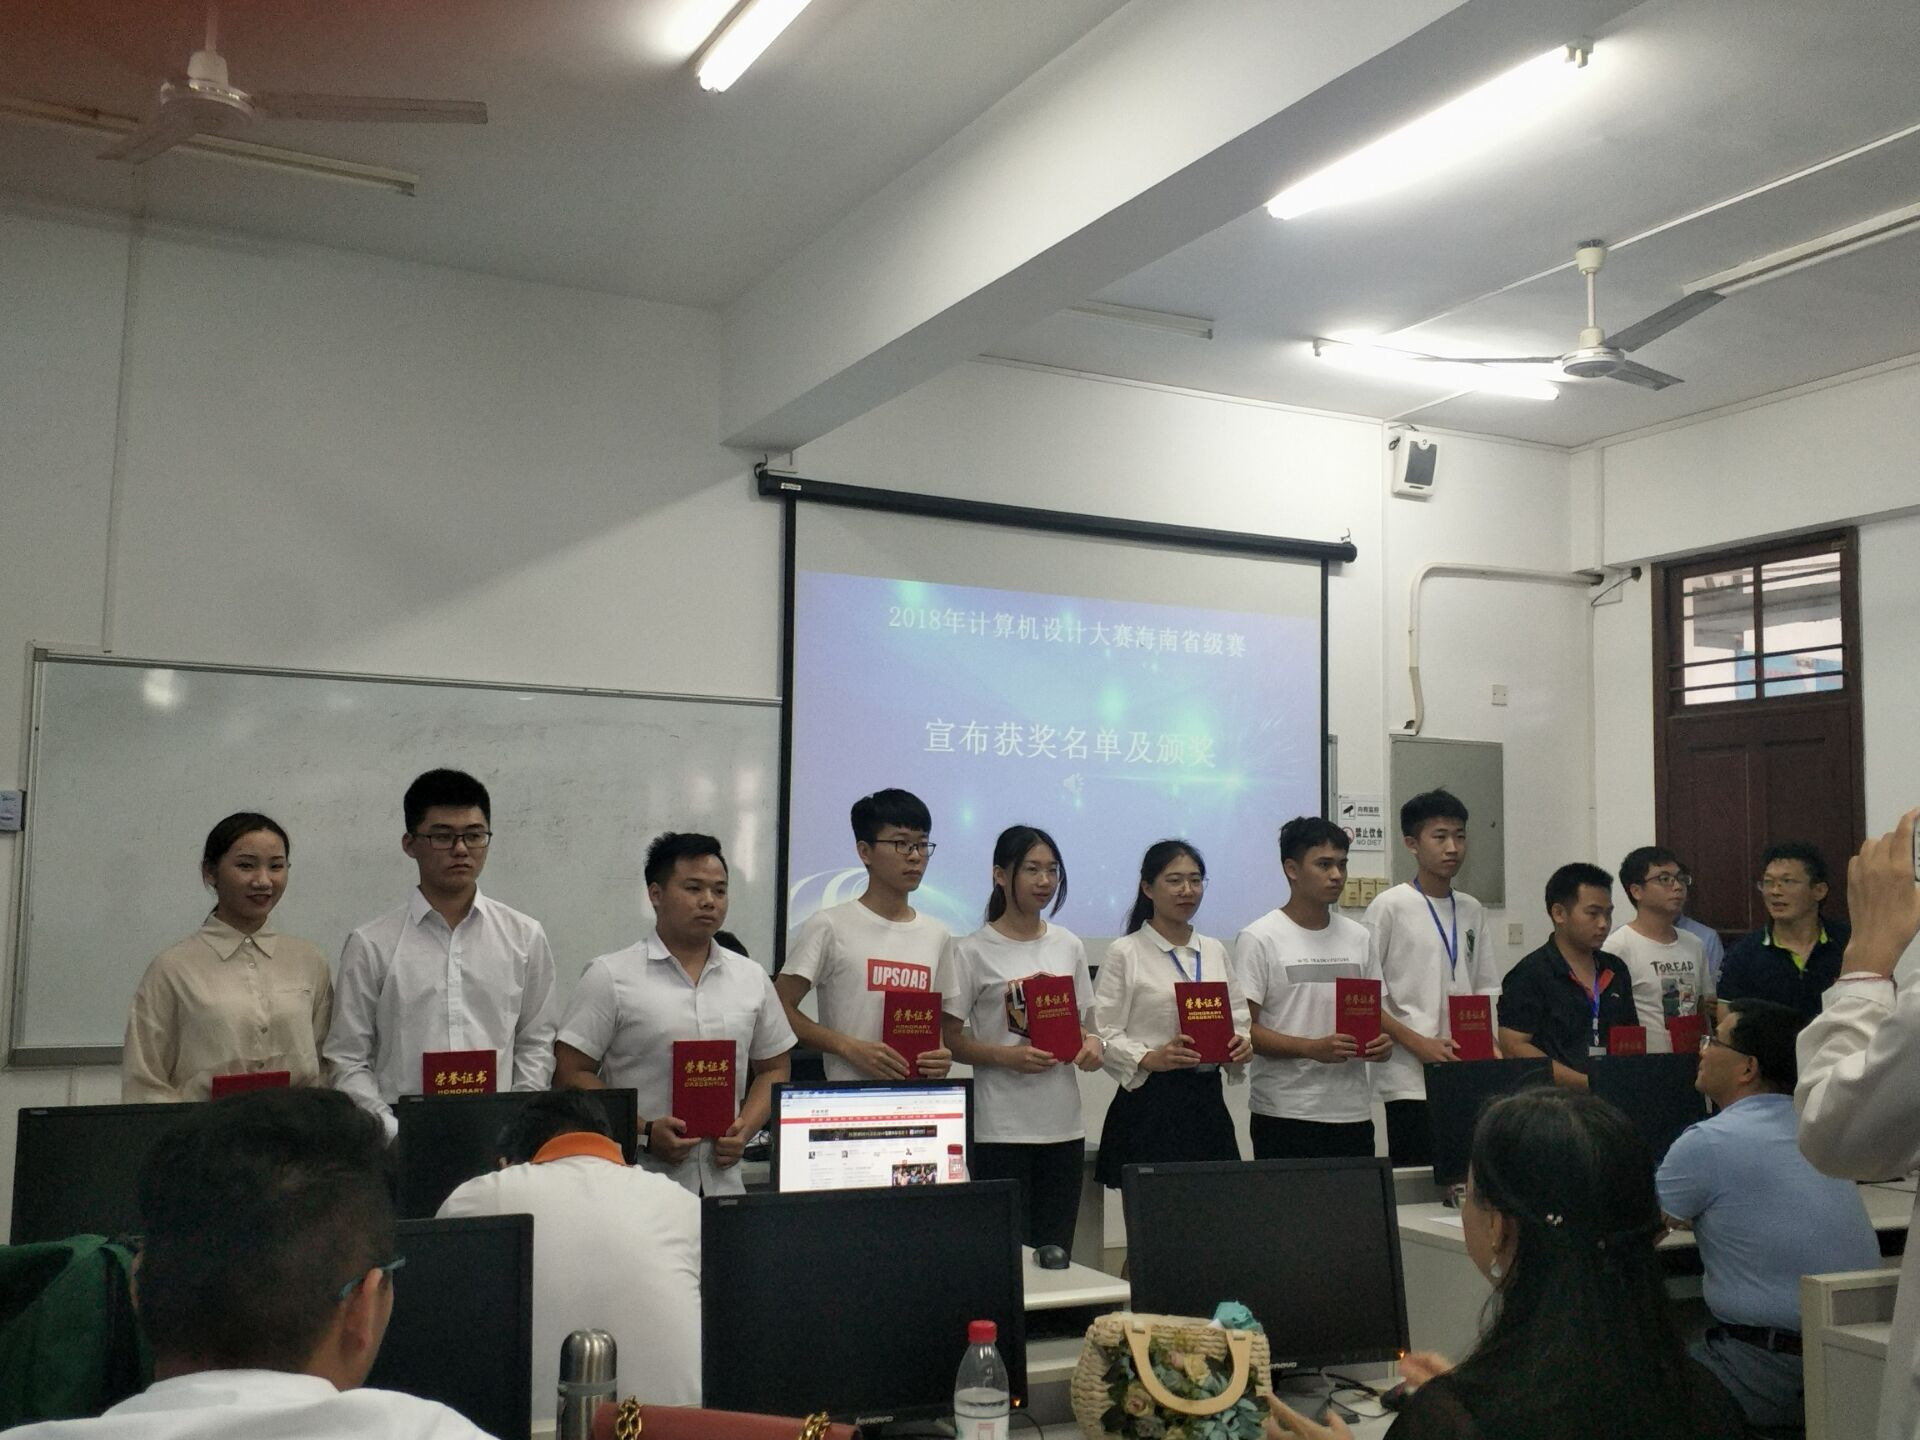 祝贺我院在2019年(第12届)中国大学生计算机设计大赛海南省省级